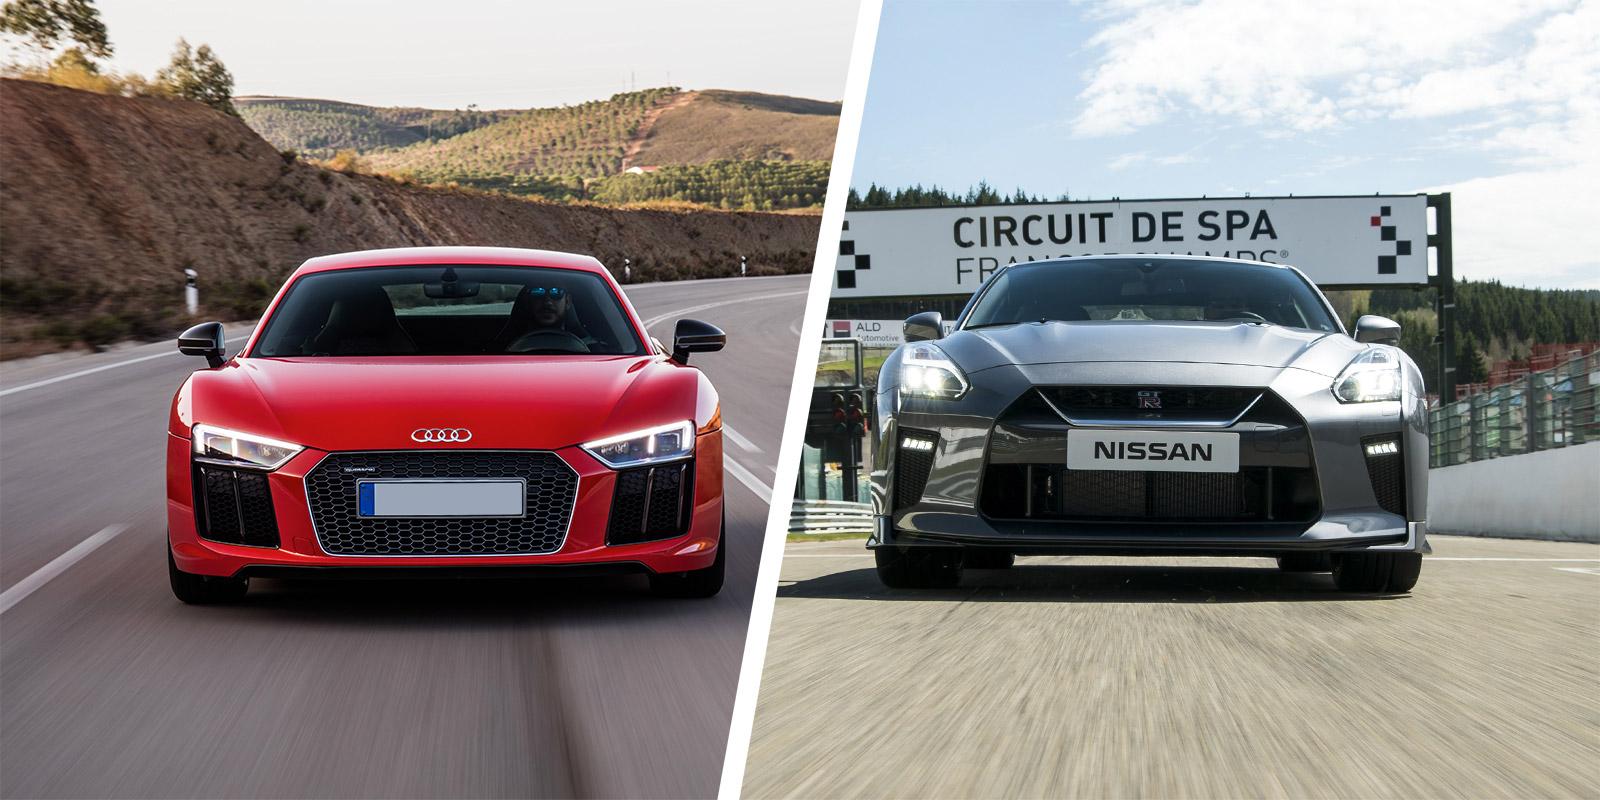 Audi R8 Vs Nissan Gt R Supercar Comparison Carwow